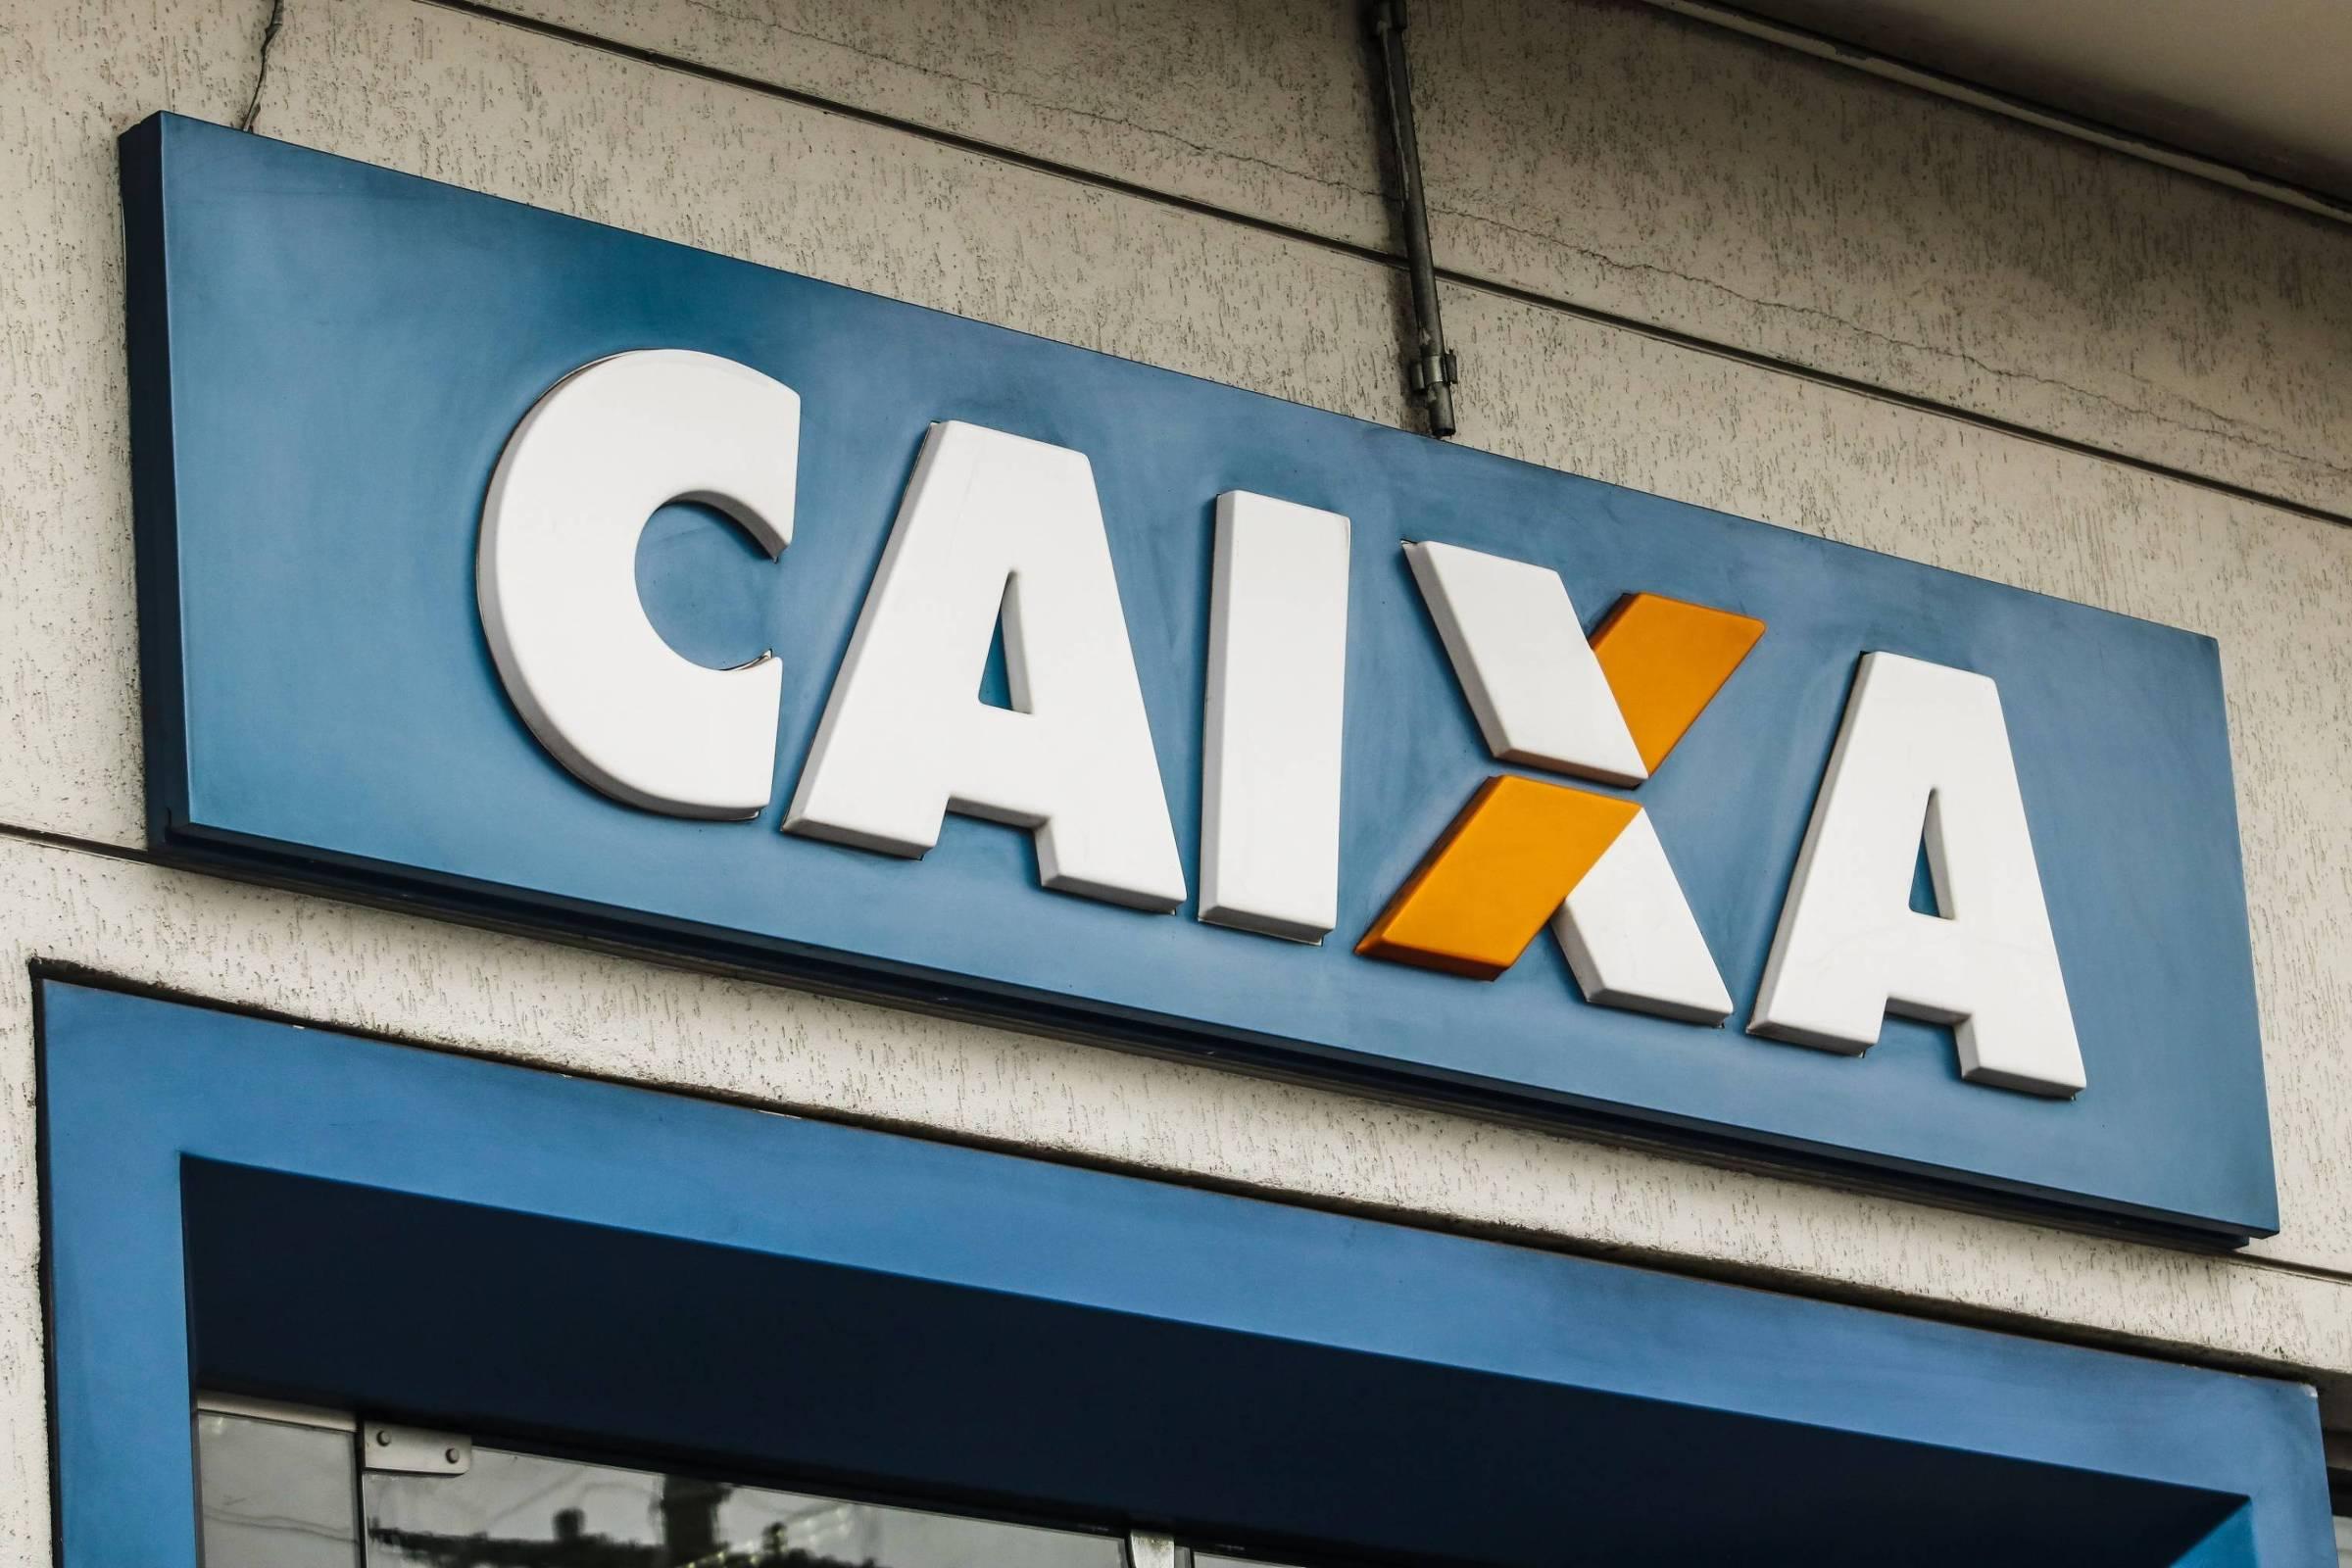 Lucro da Caixa sobe 20,6% e atinge R$ 14,7 bilhões em 2019 - 19/02 ...